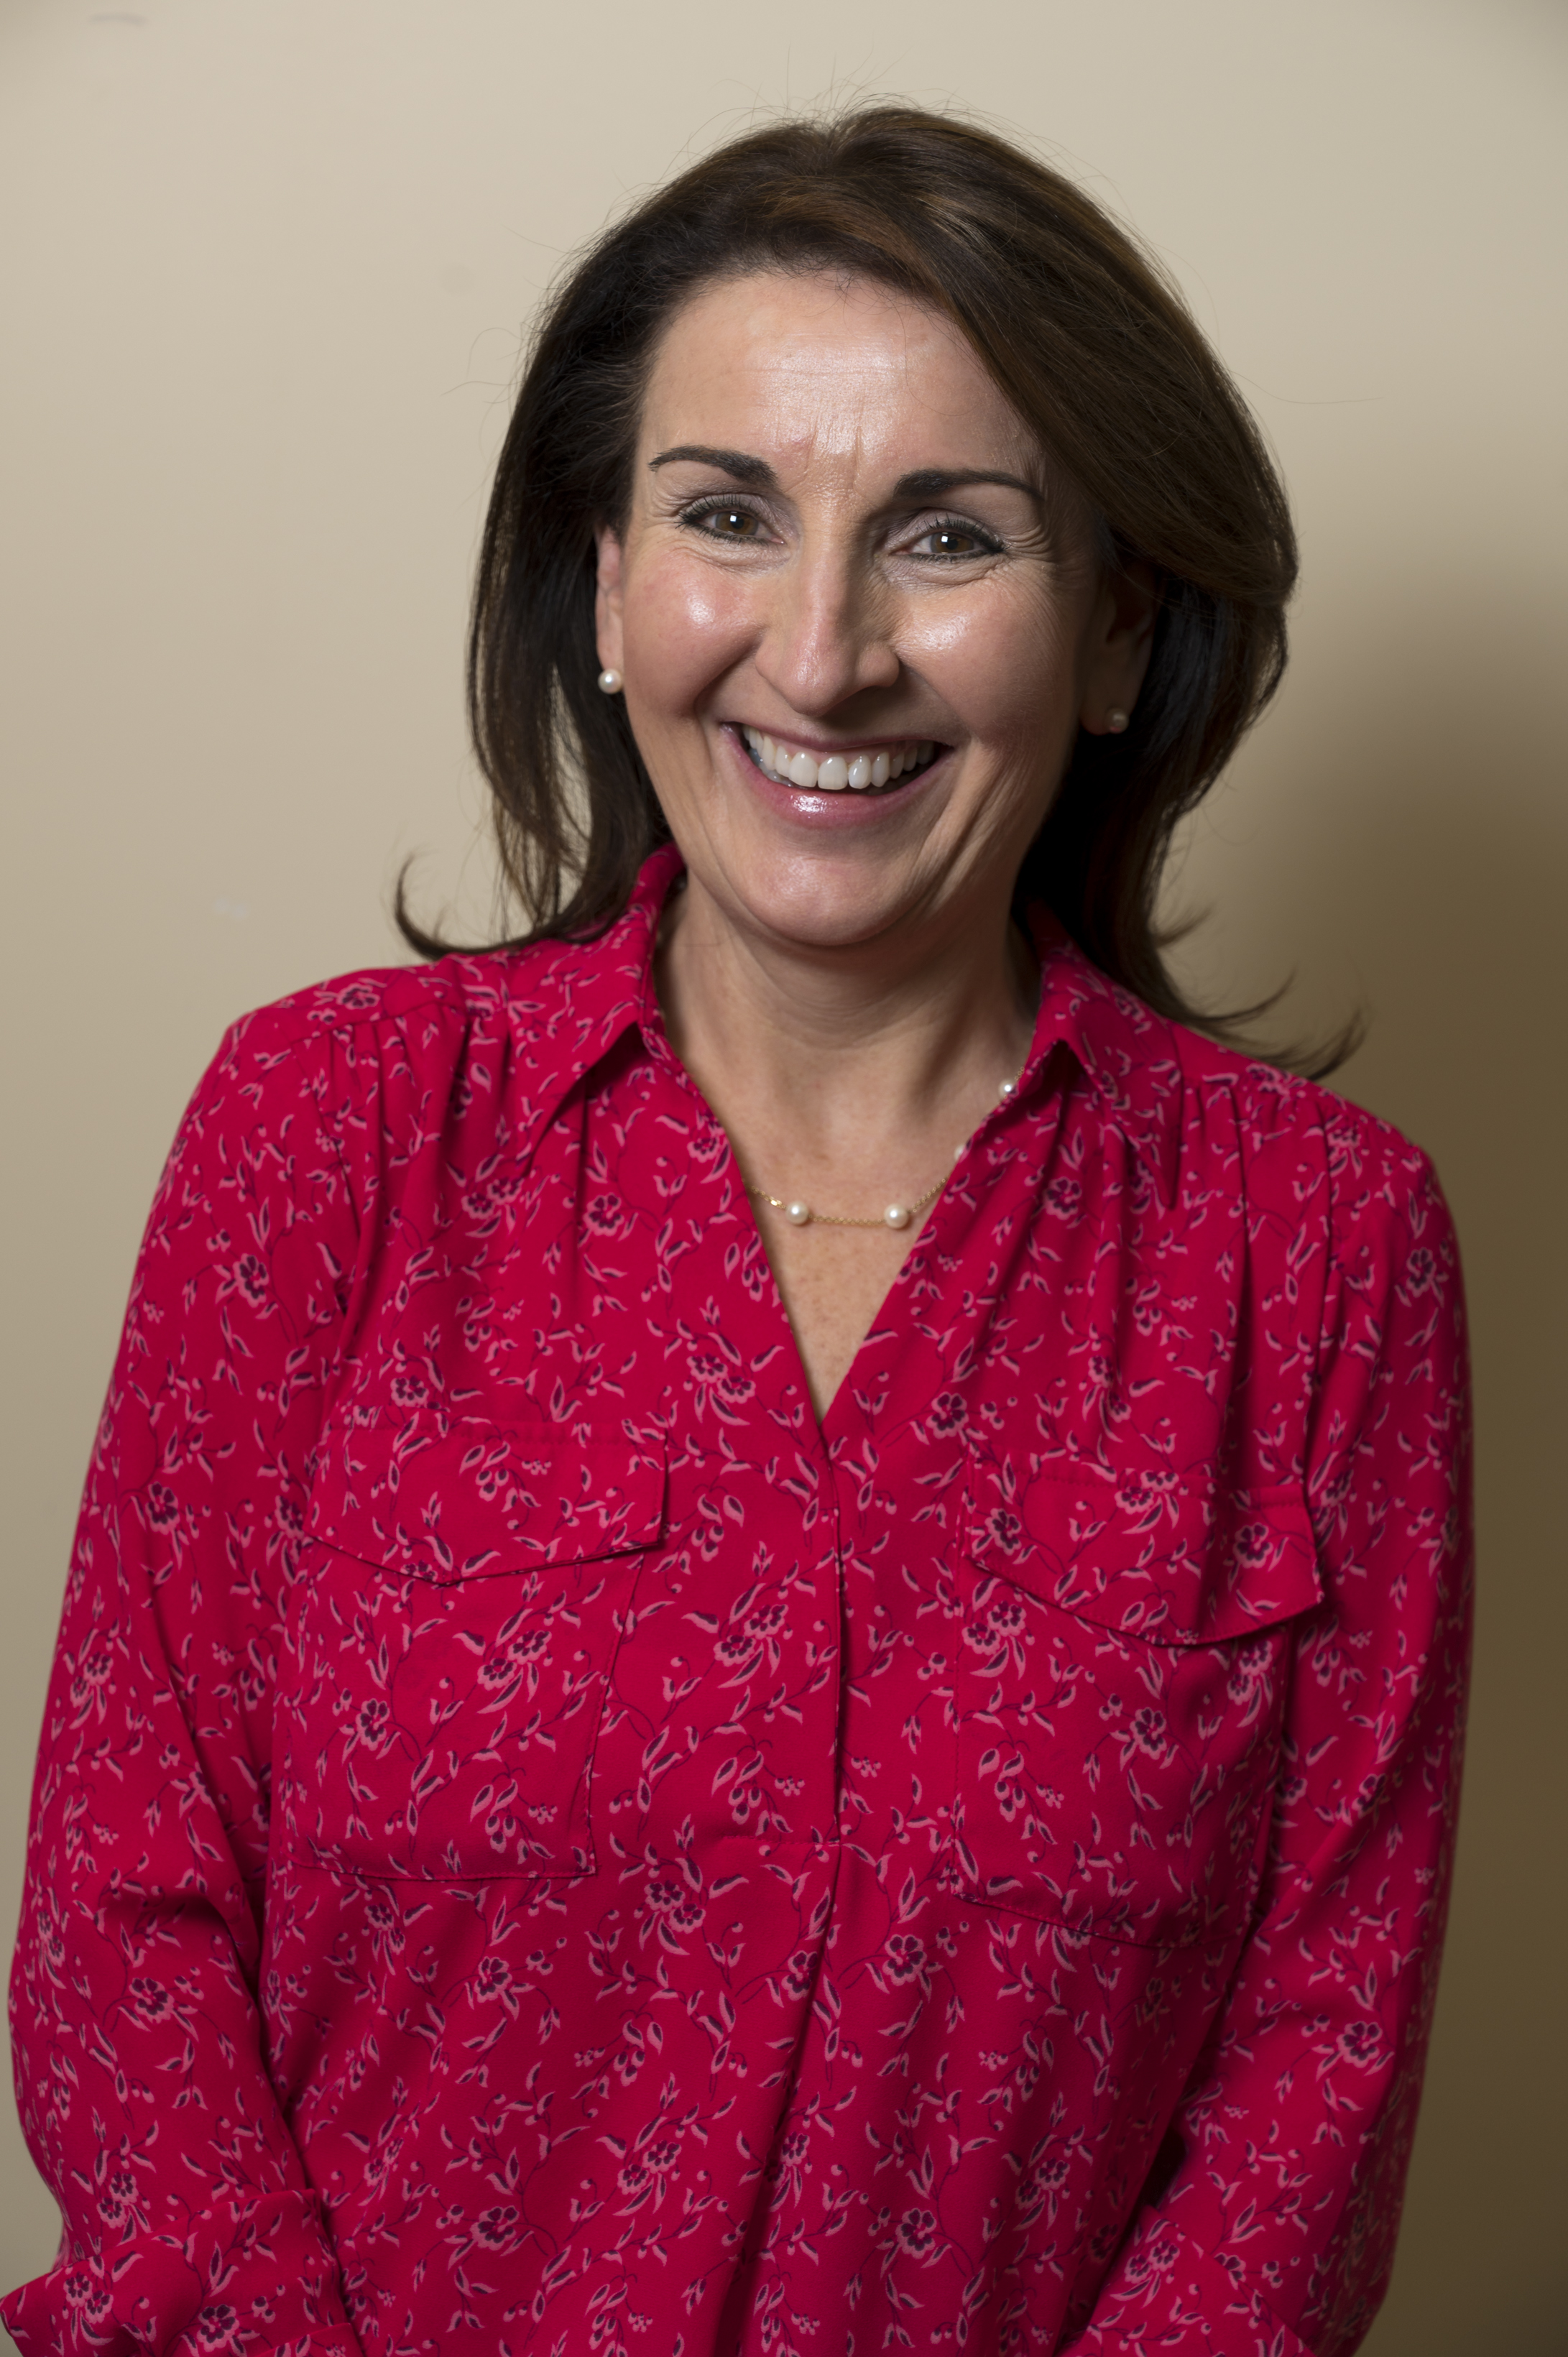 Victoria Bifano